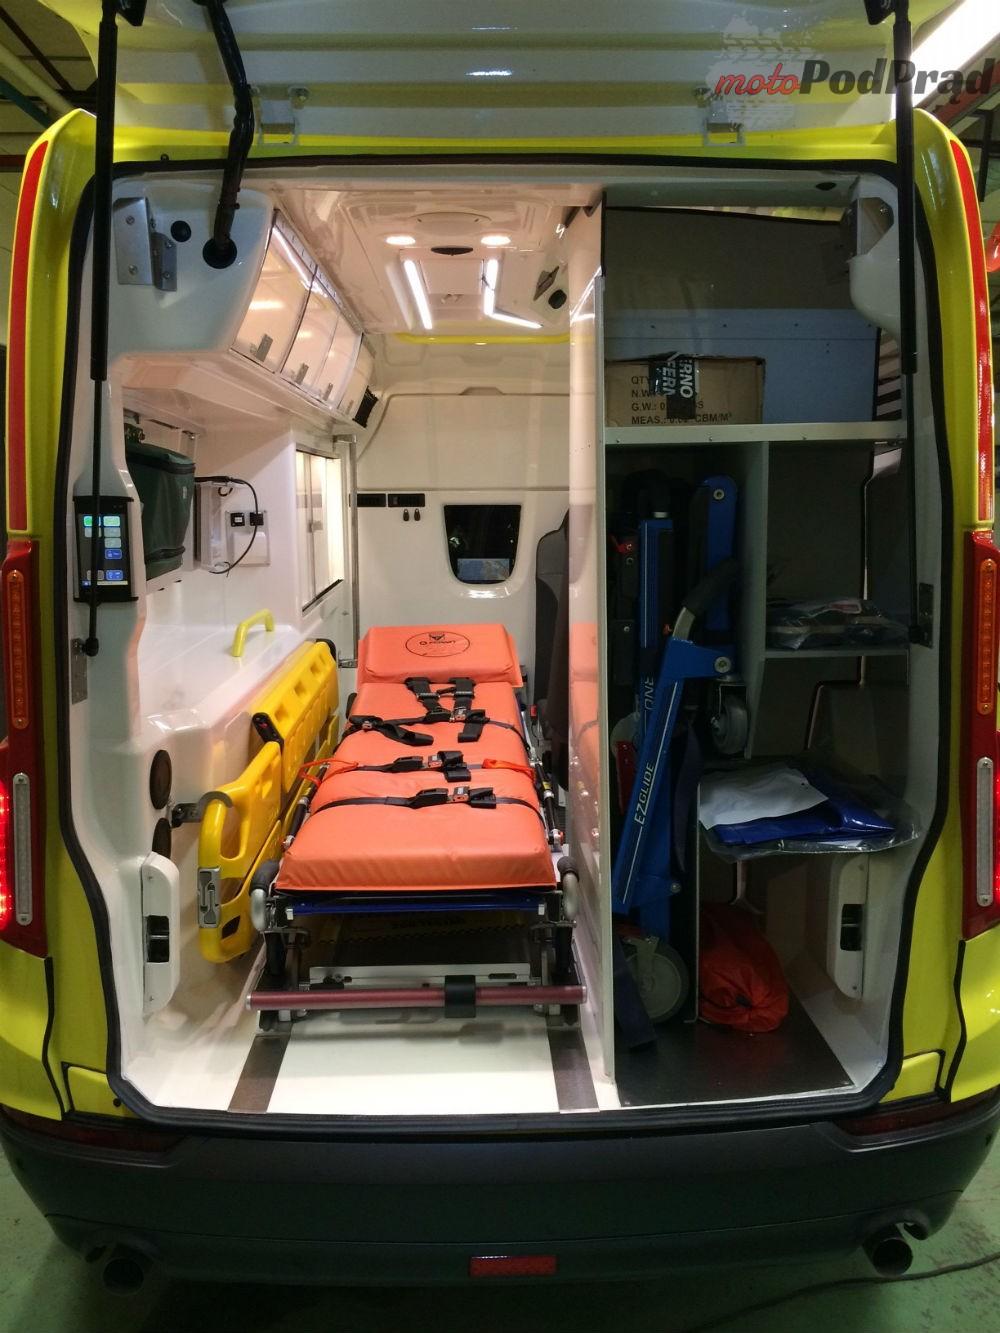 XC90 karetka 5 Nilsson XC90: Najlepszy ambulans na świecie?